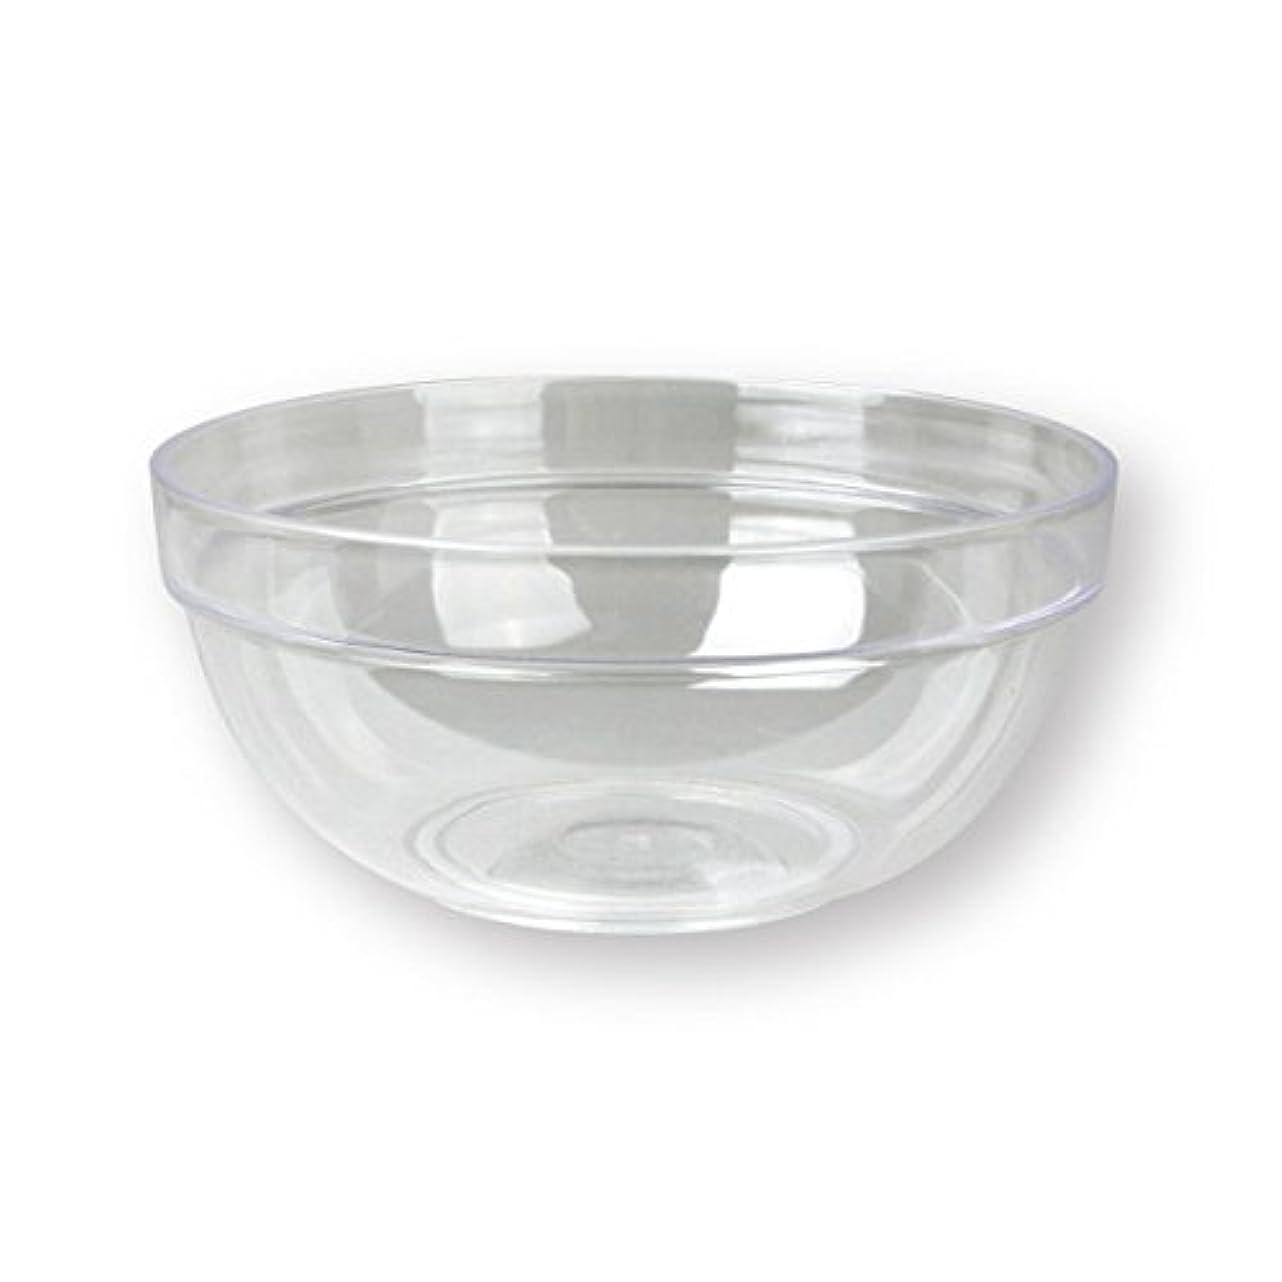 ストレッチセグメント深遠4個セットプラスチックボール プラスチック ボウル カップクリア 直径20cm